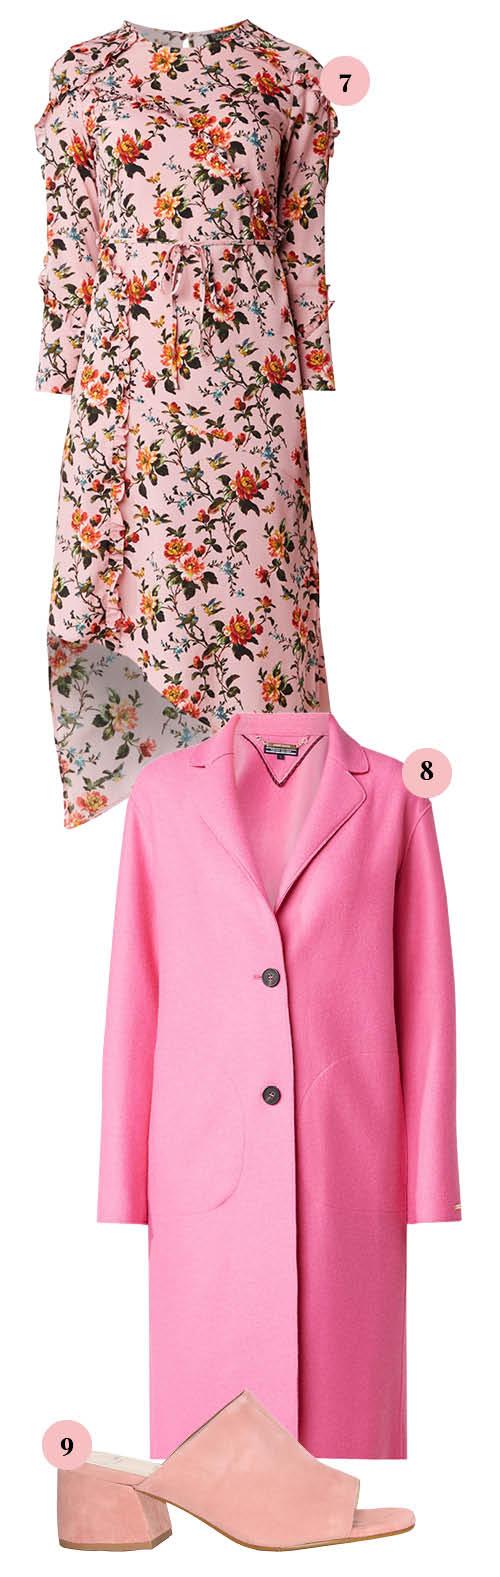 f19_jolandas-look-pink_ap3